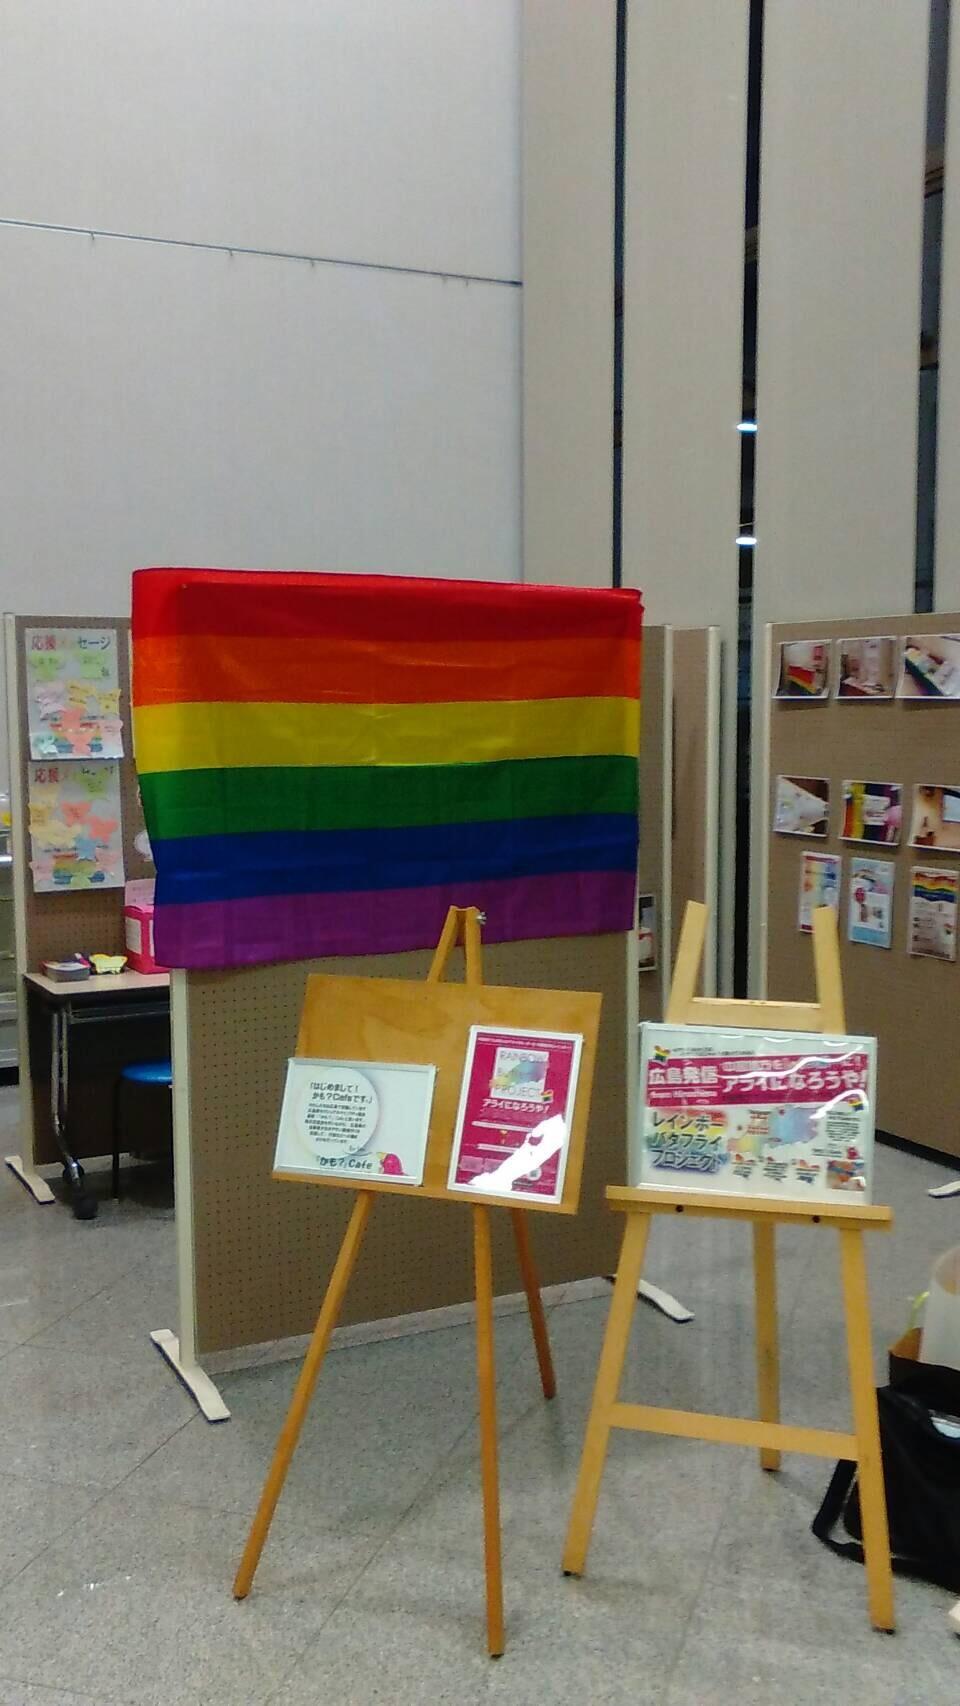 広島市内でパネル展開催_c0345785_21243499.jpg